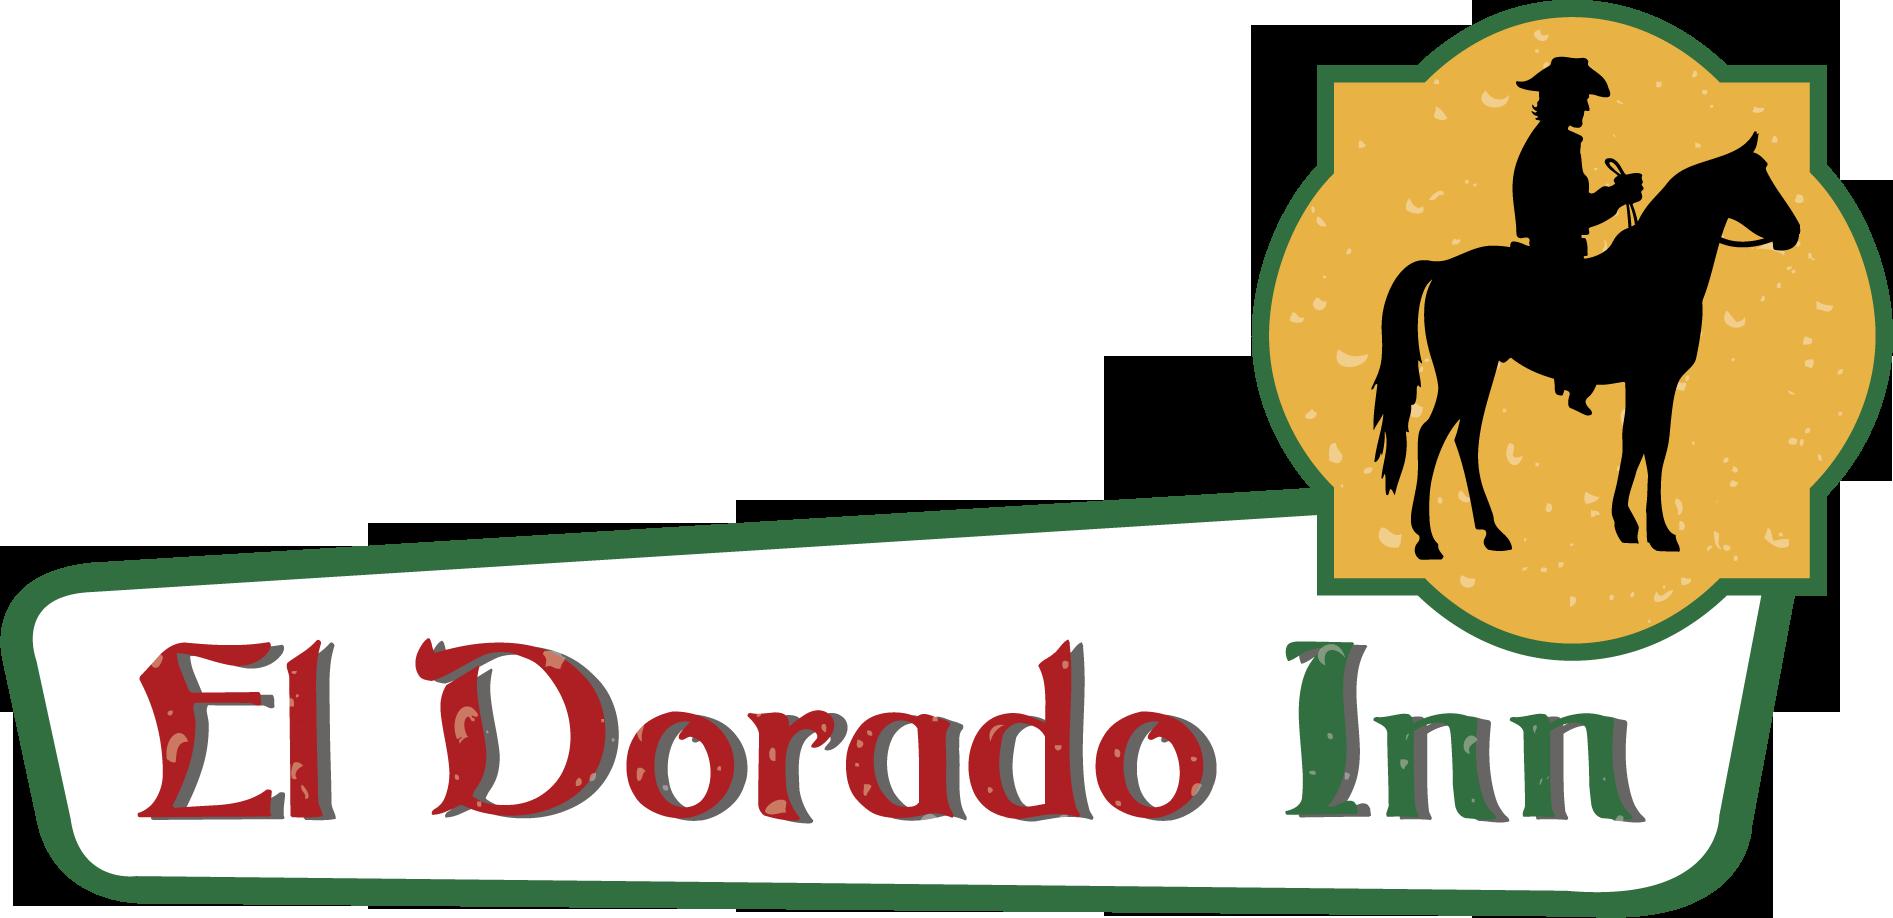 埃尔多拉多旅馆